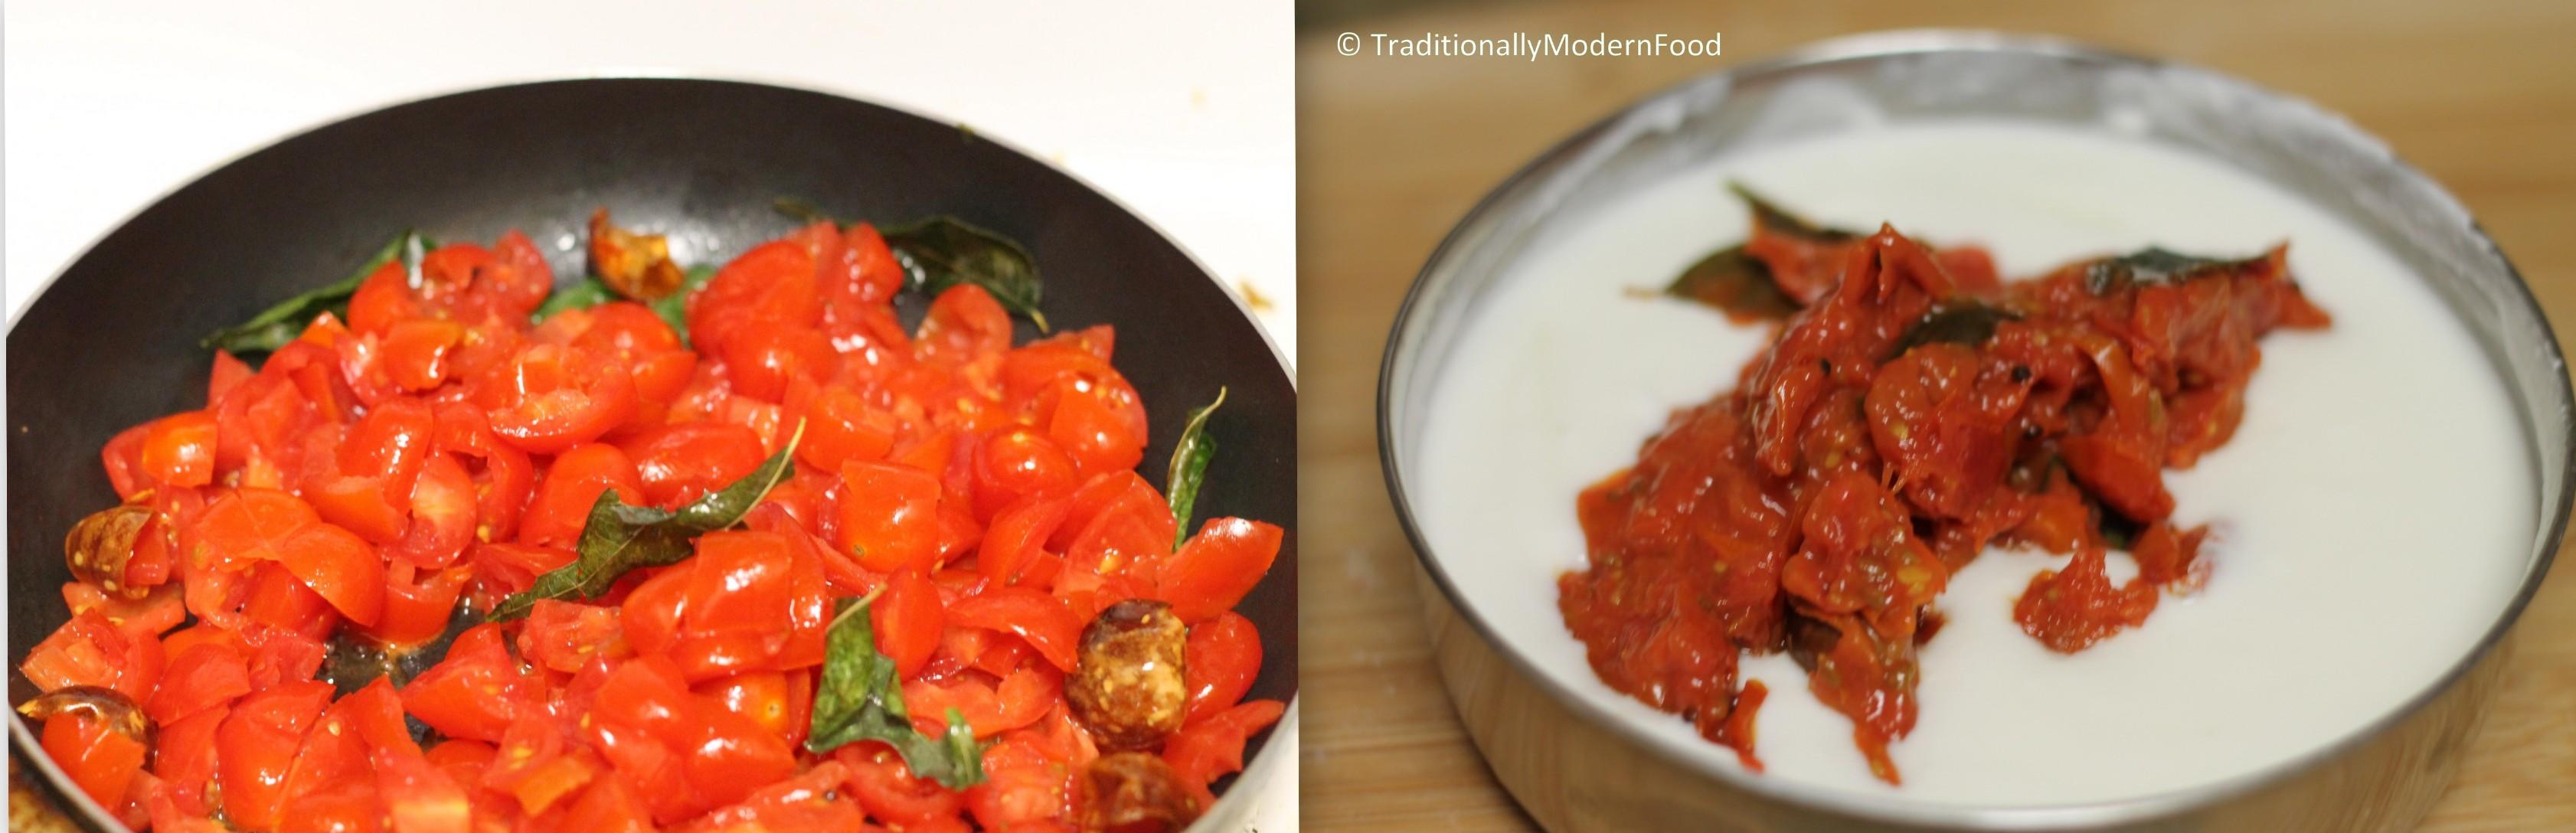 tomatoperugupachadi